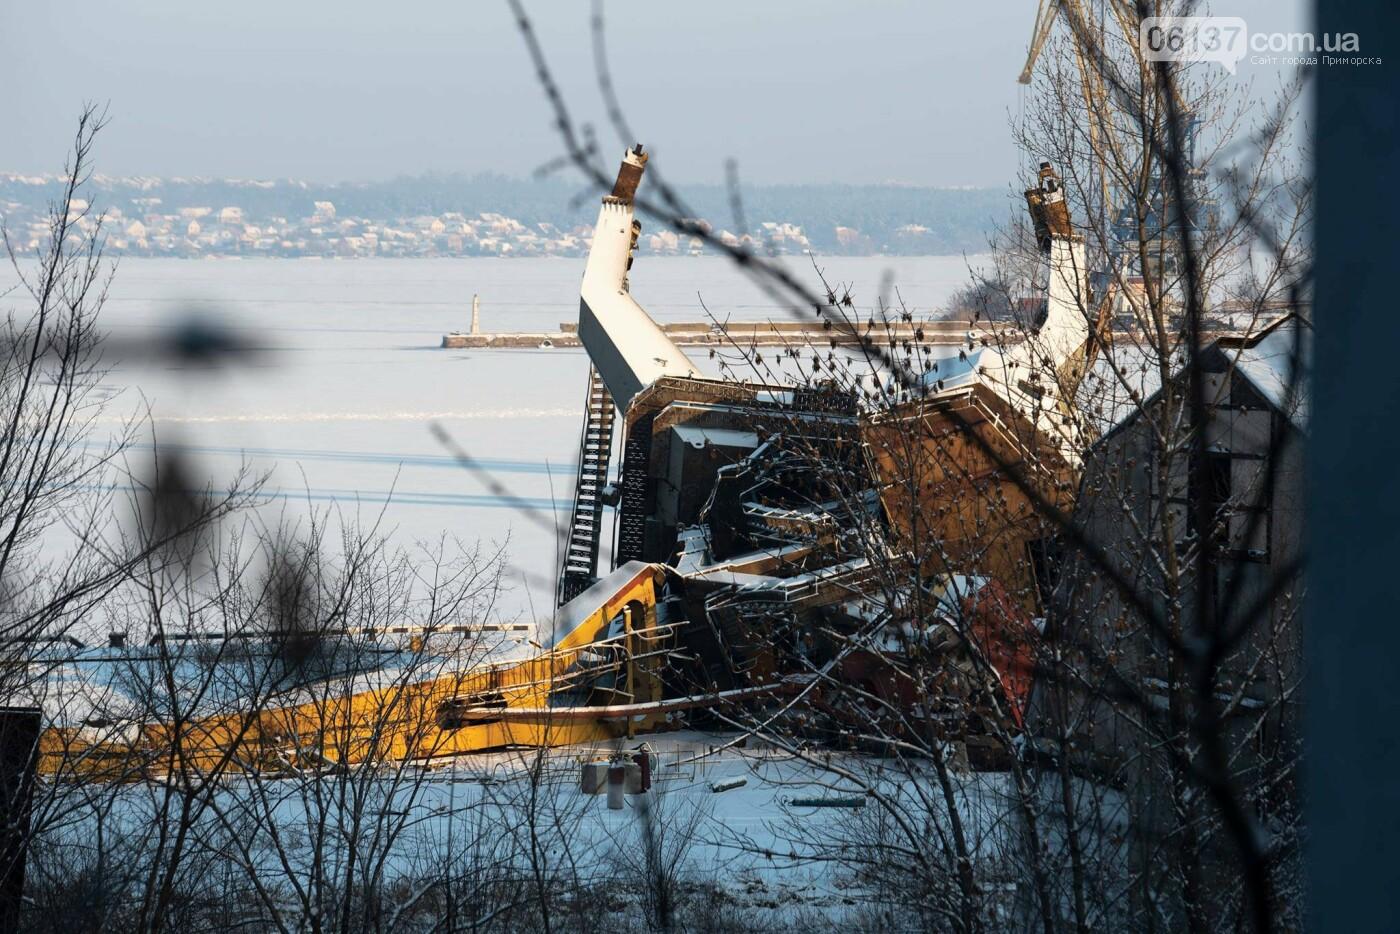 Запорожский фотограф опубликовал кадры упавшего в пору крана. Фото, фото-2